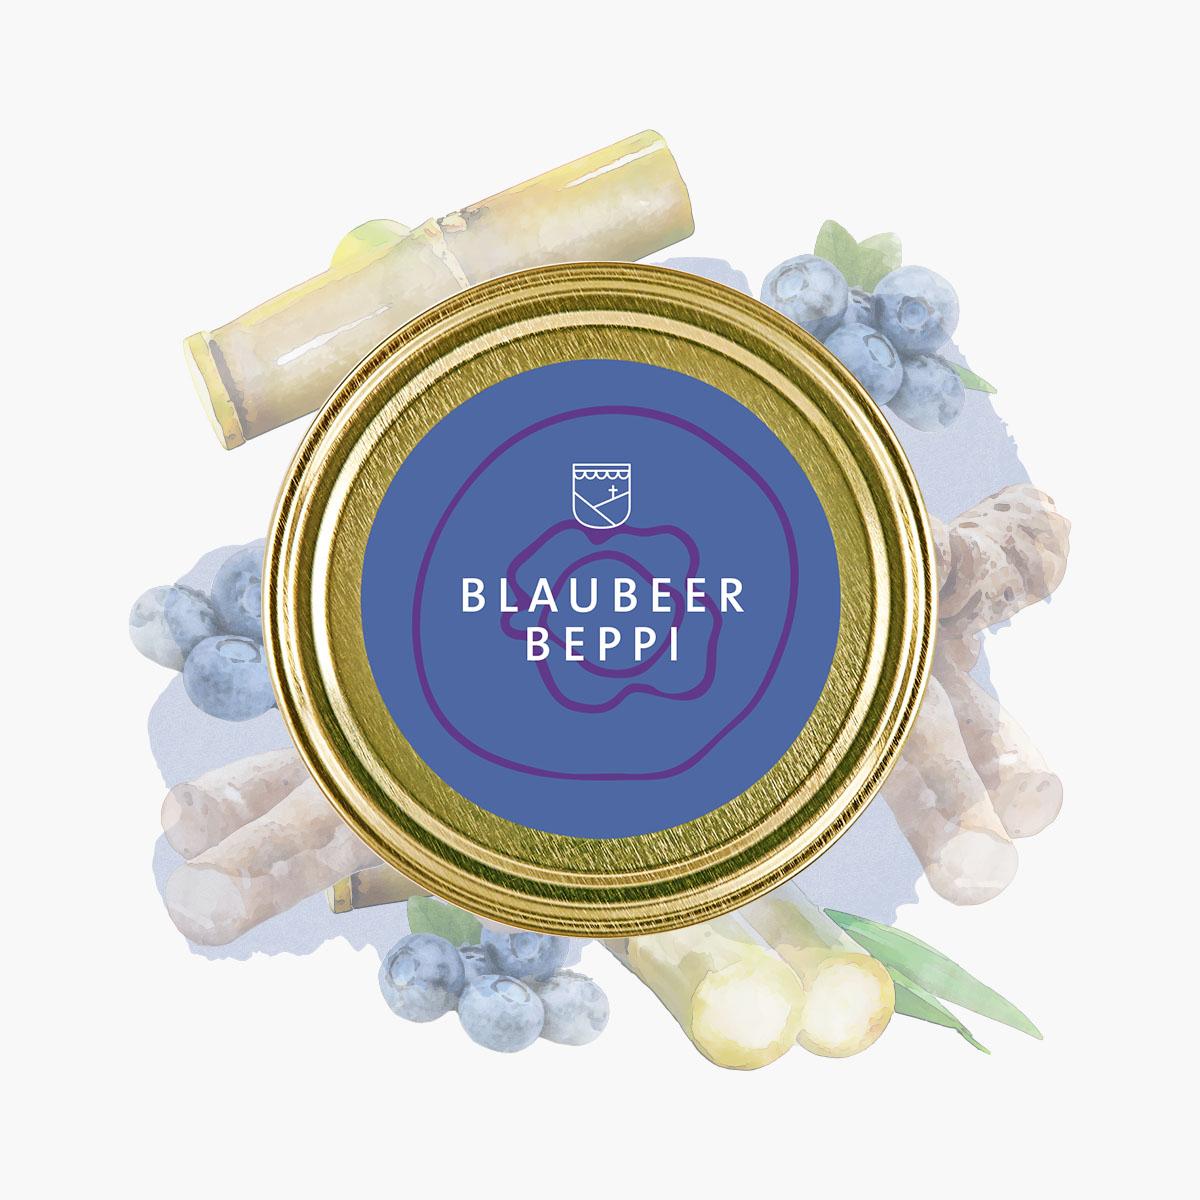 Blaubeer Beppi von Essendorfer